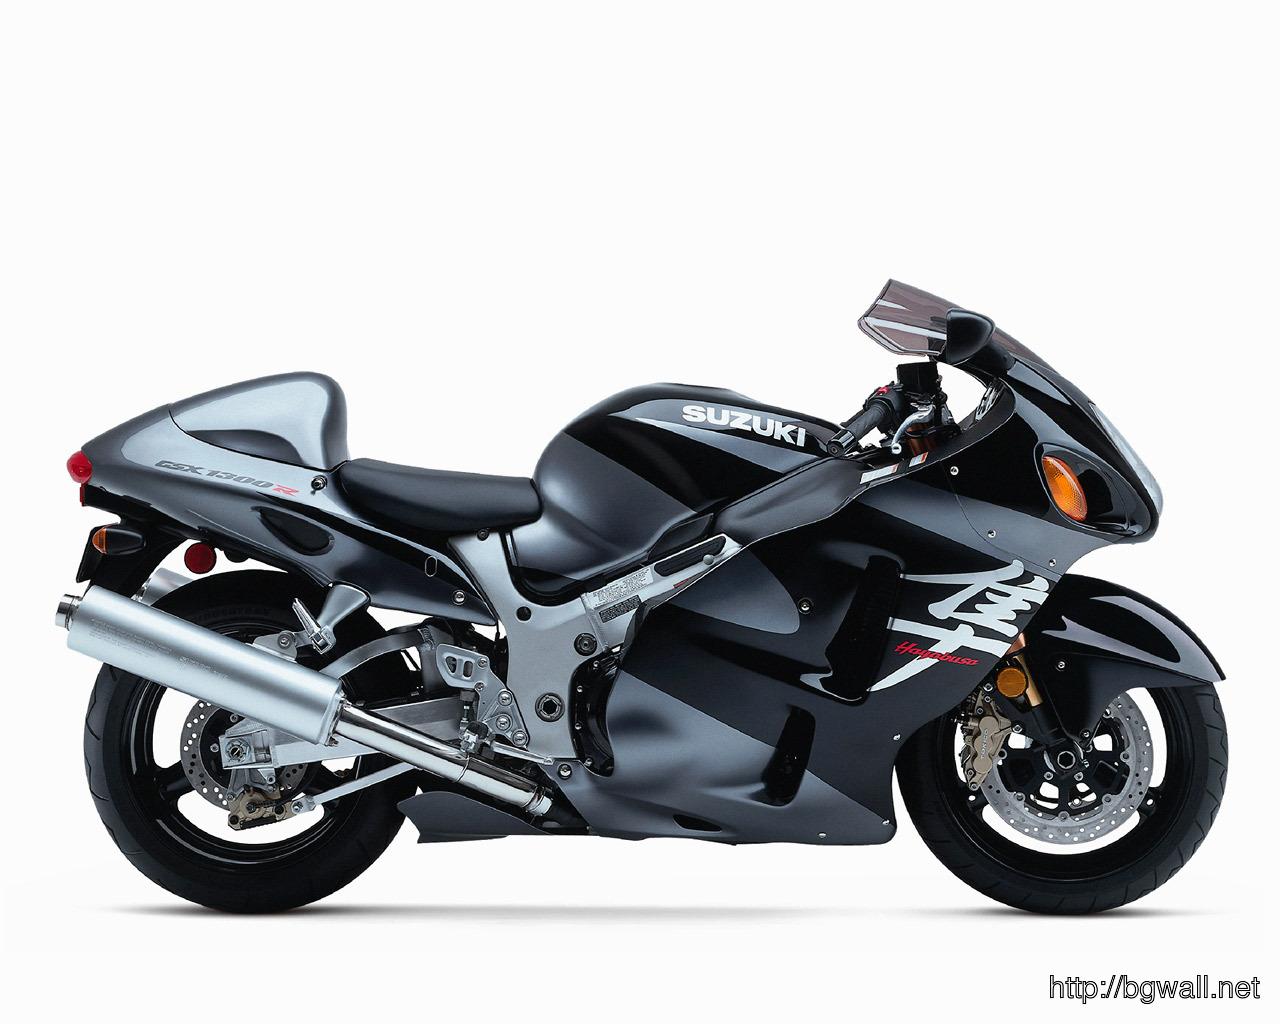 Suzuki Gsx 1300 R Hayabusa Sports Bike Suzuki Gsx 1300 R Hayabusa Full Size